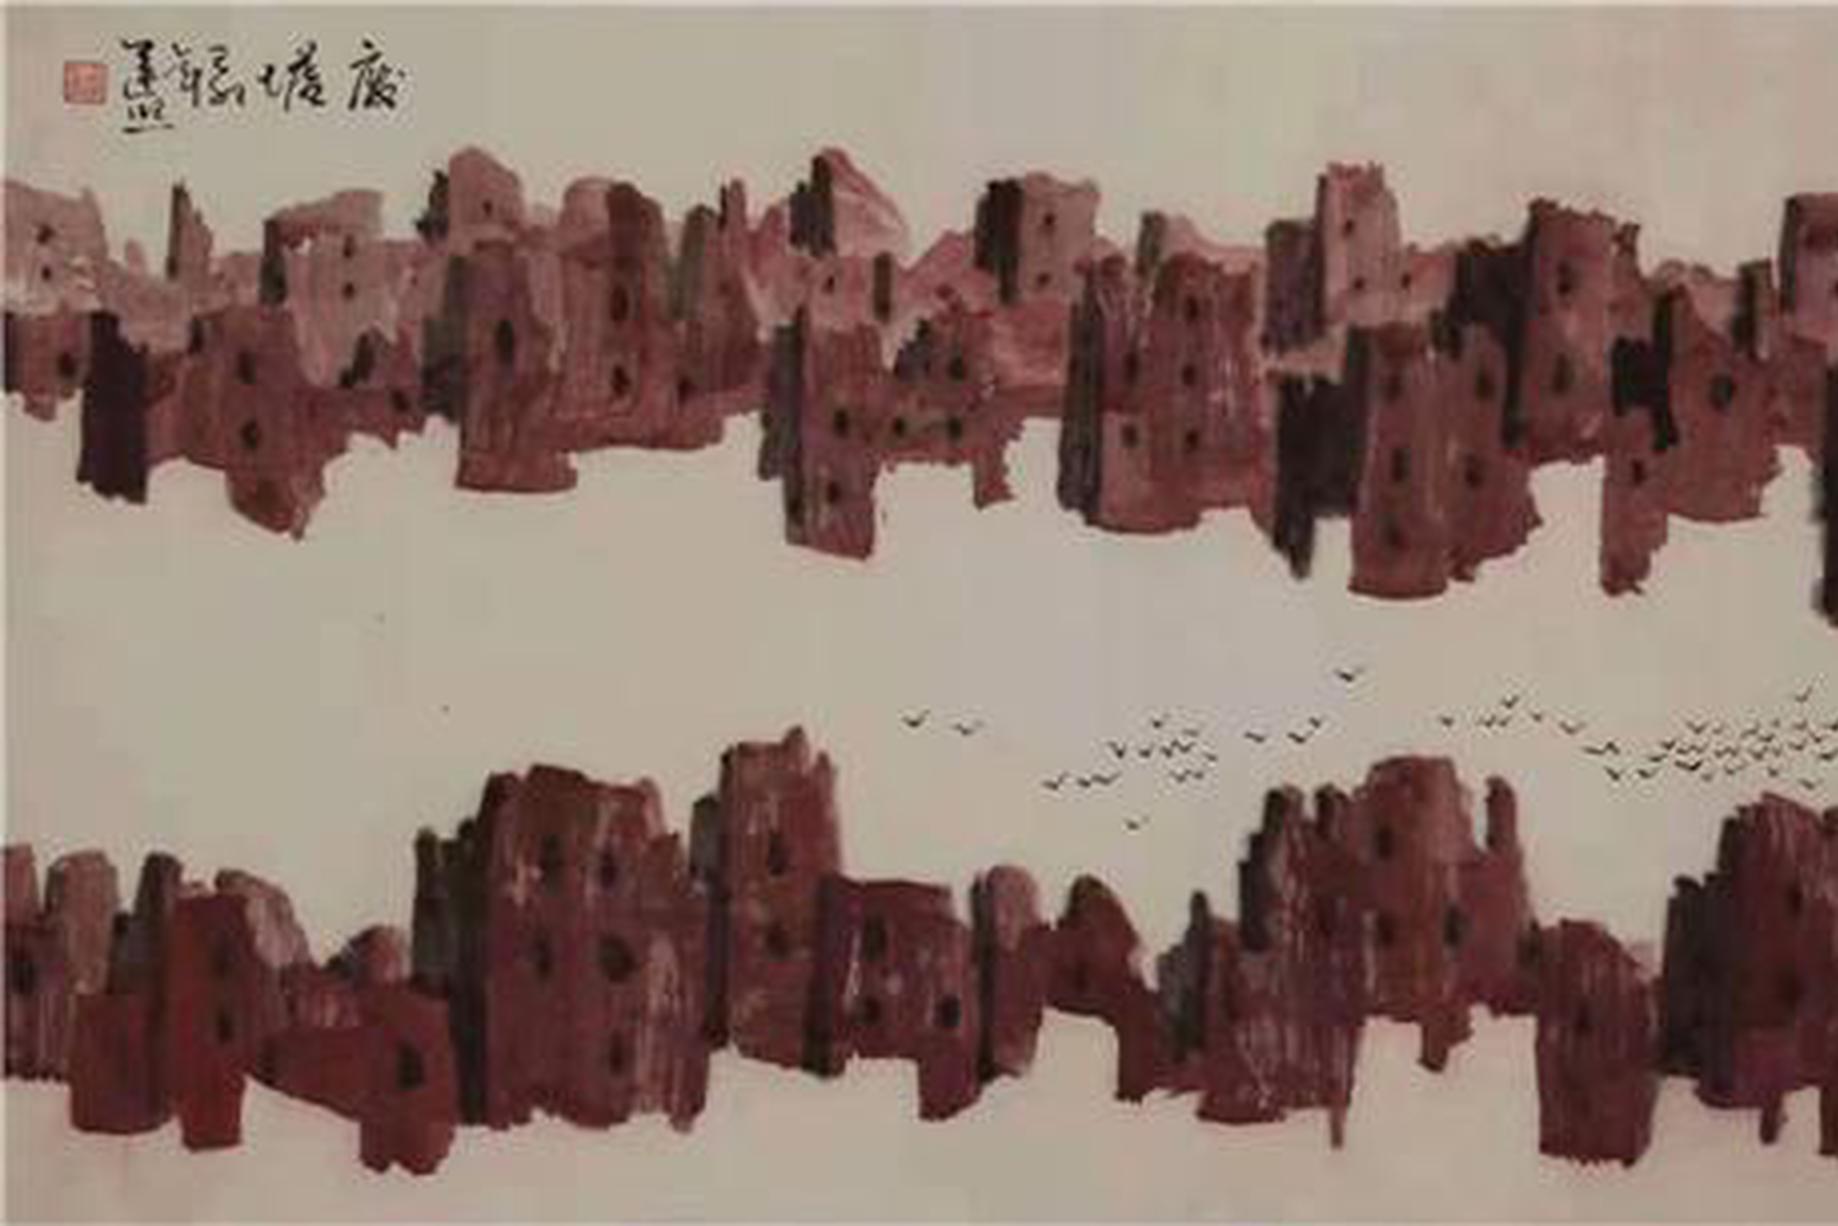 翰墨丹青:走进著名画家李运熙绘画艺术